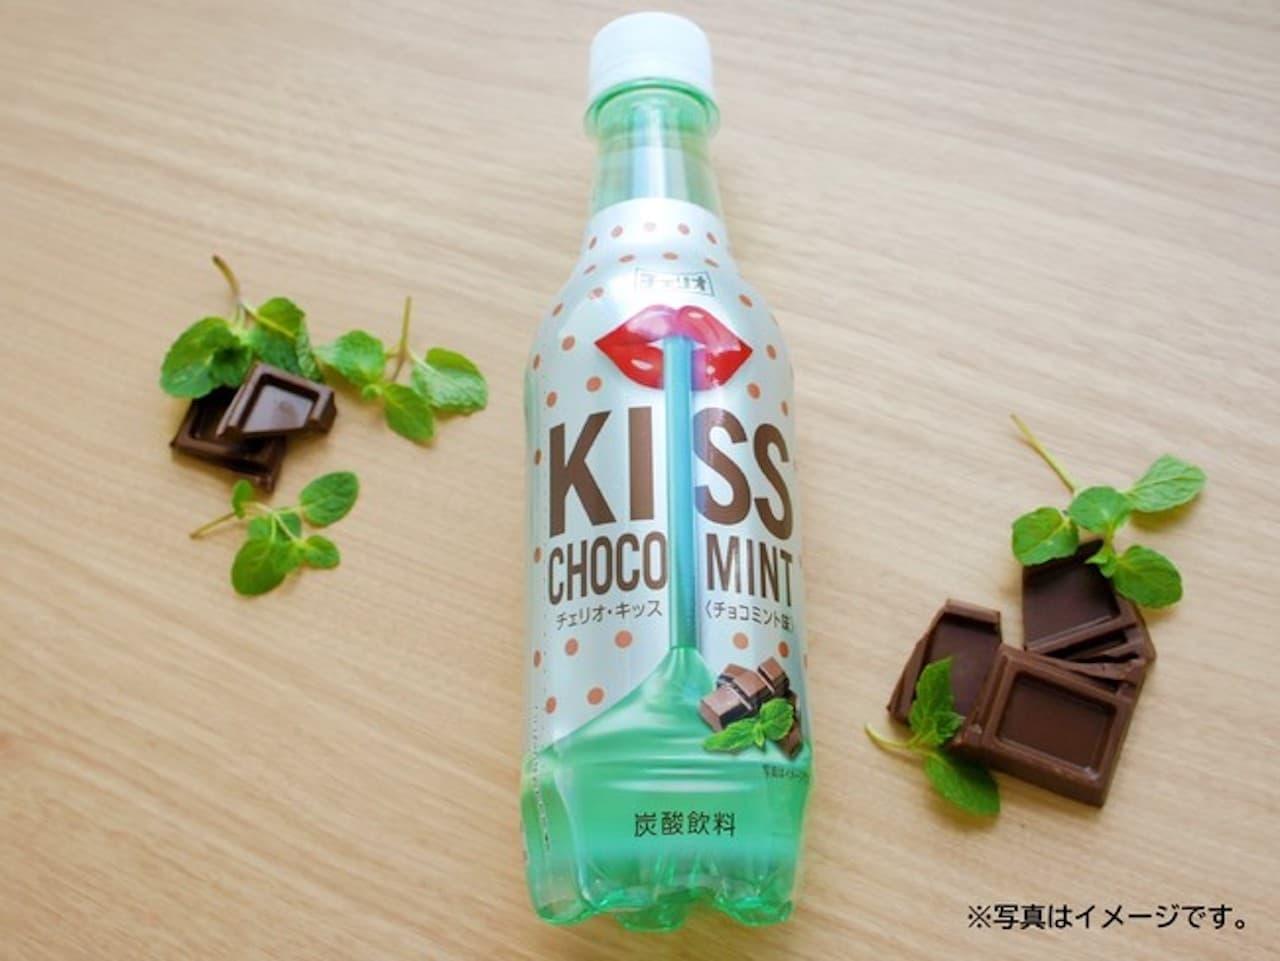 チェリオ「KISS チョコミント」